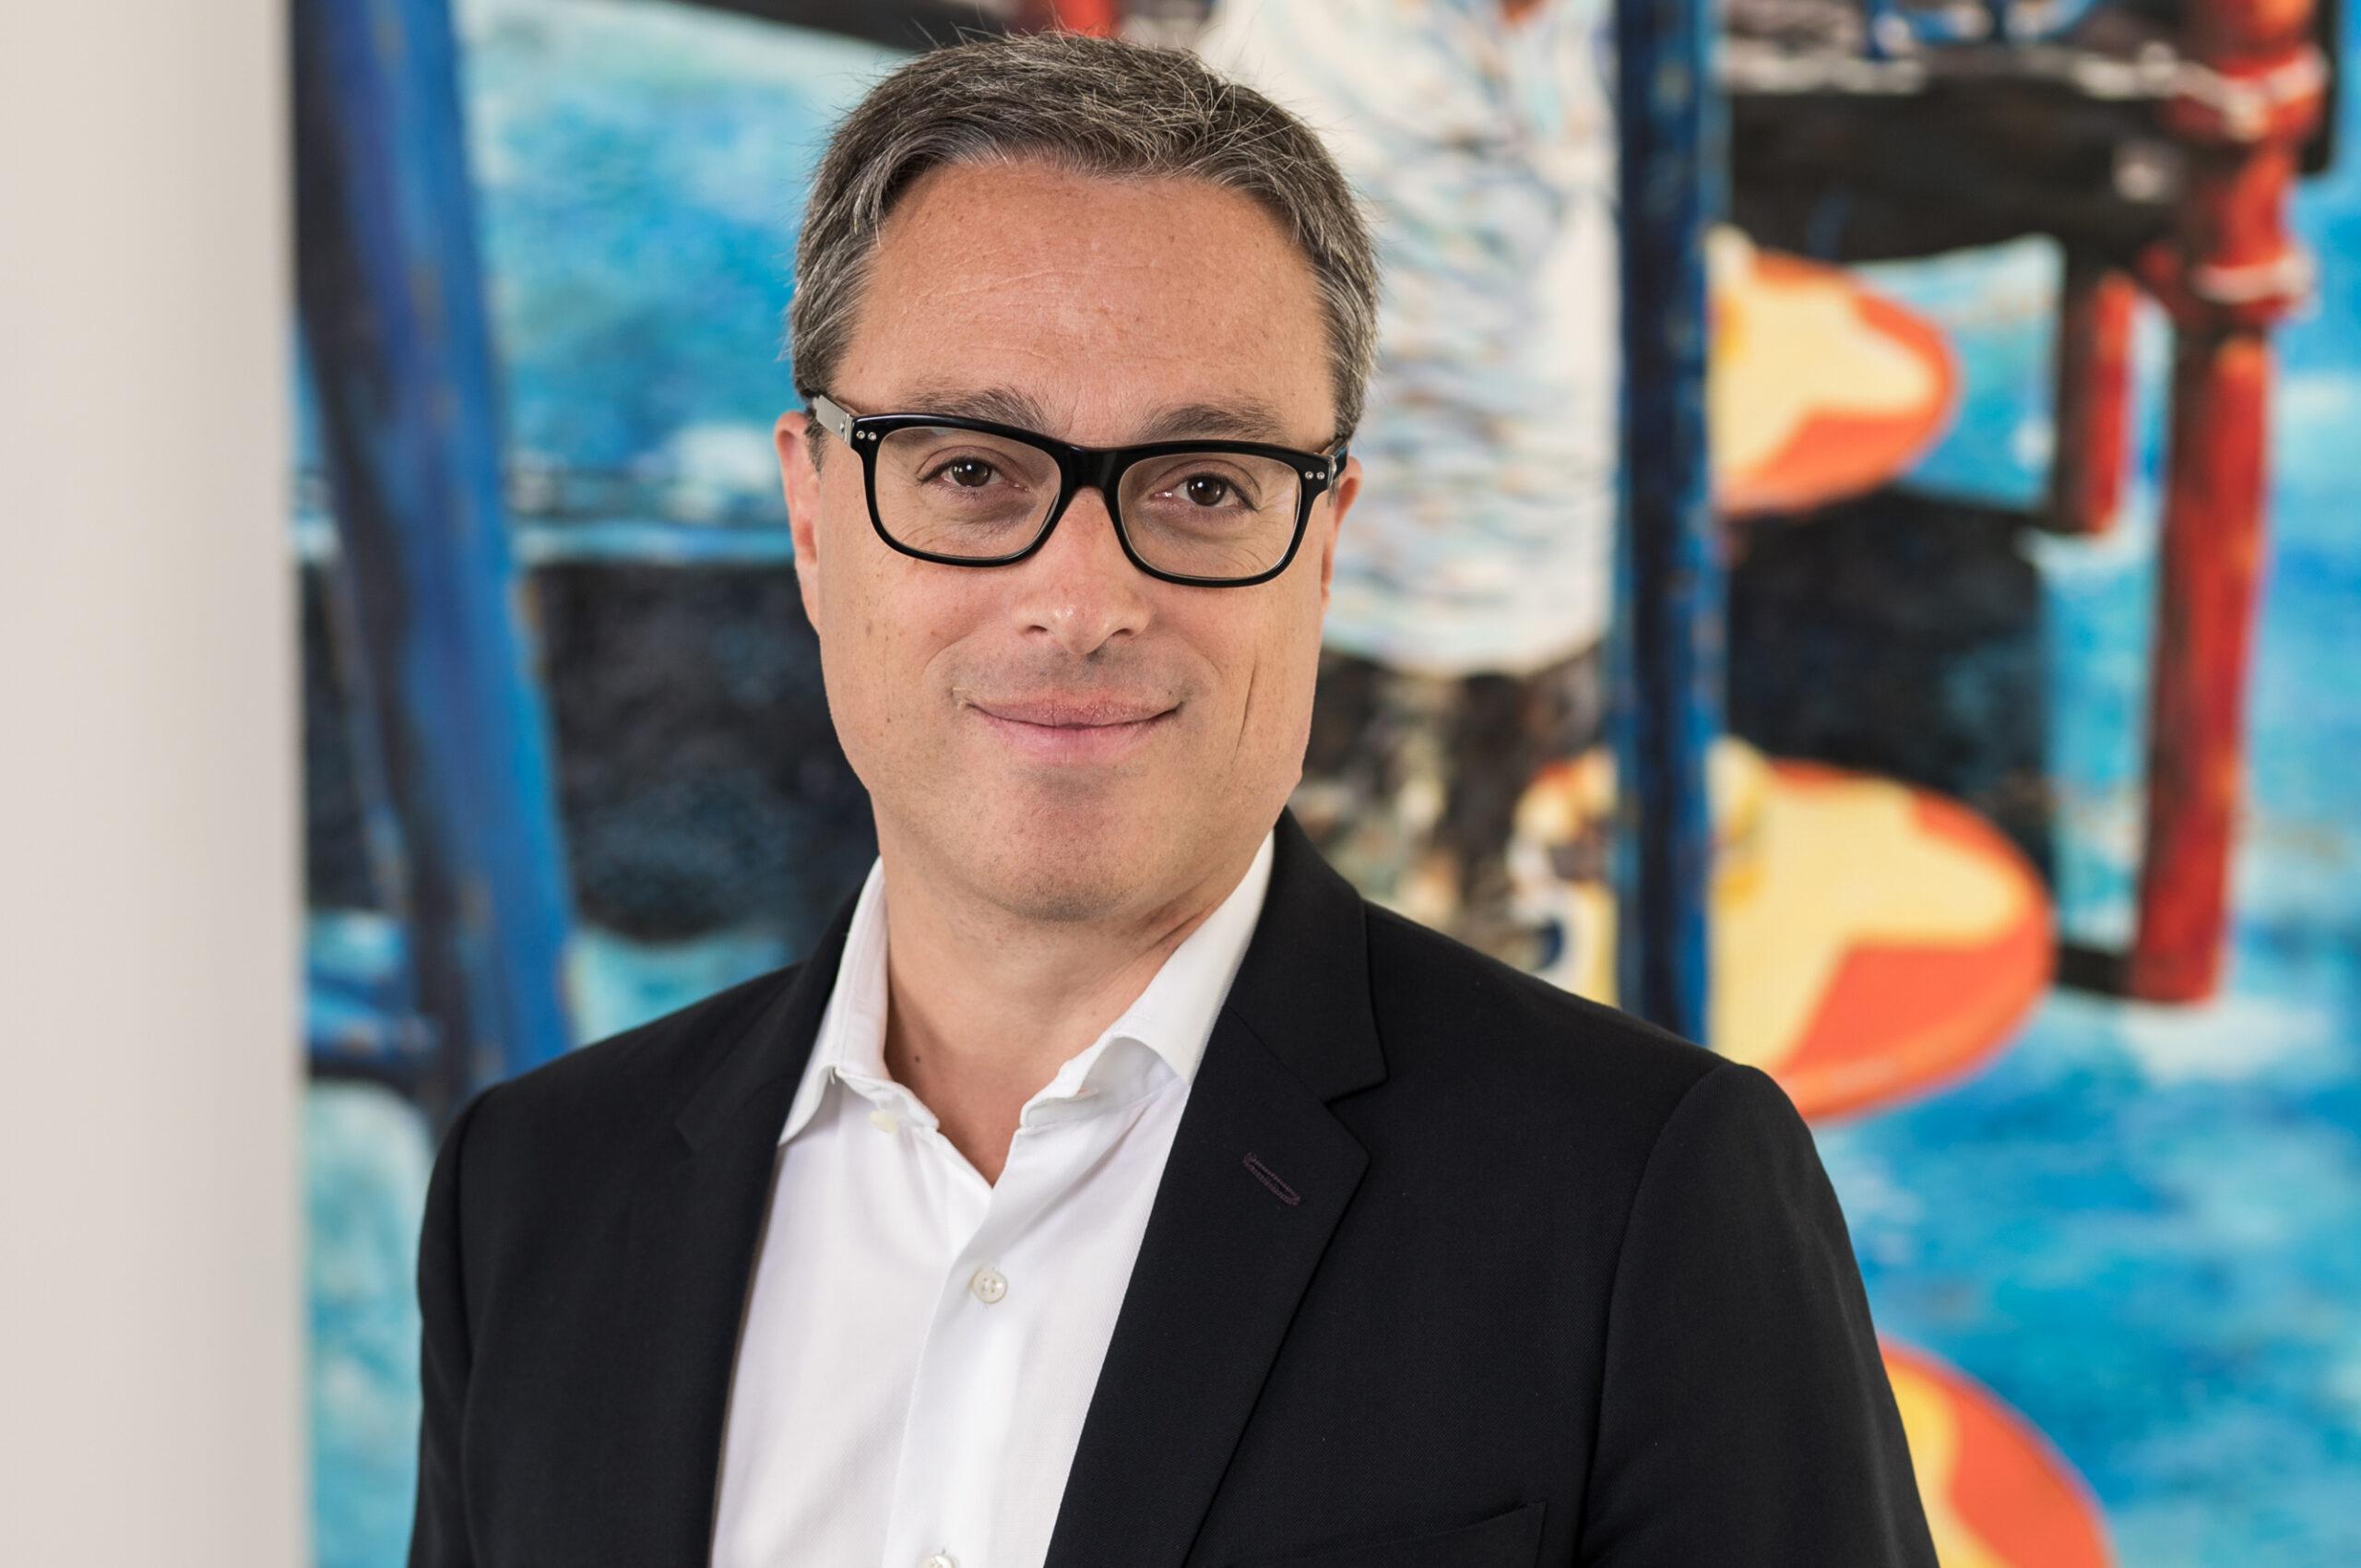 Nicolas Baretztki, CEO de Montblanc, entendiendo el nuevo mundo de lujo